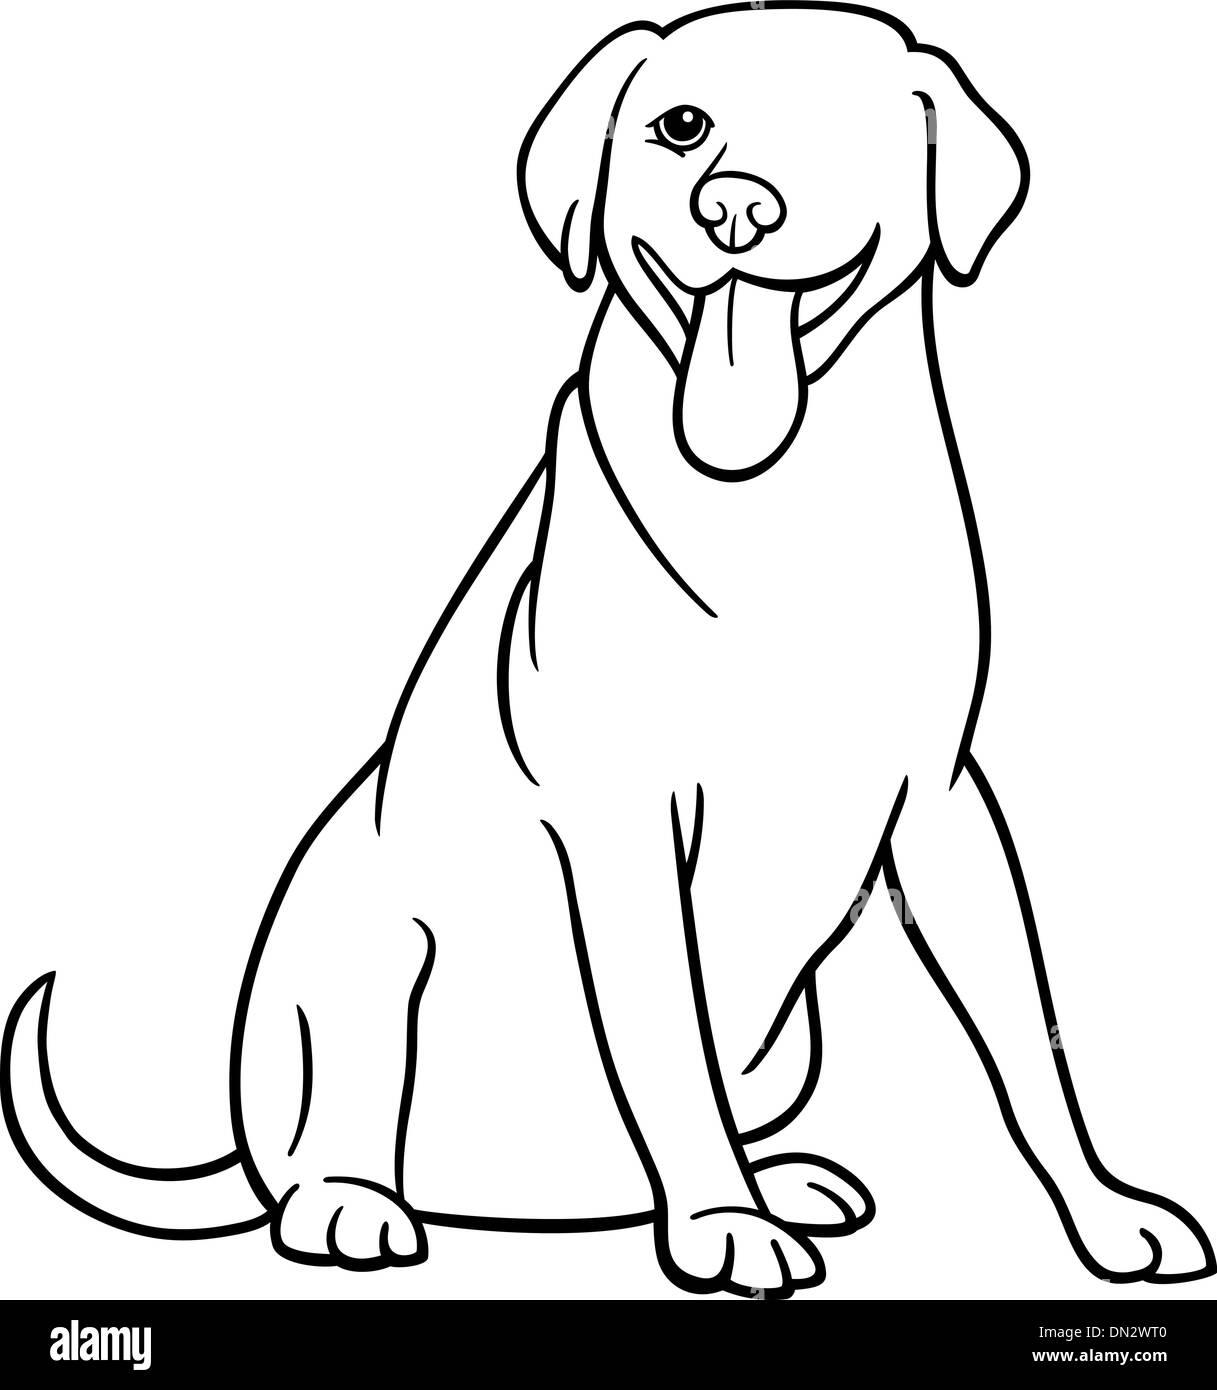 Labrador Retriever Hund Cartoon zum Ausmalen Vektor